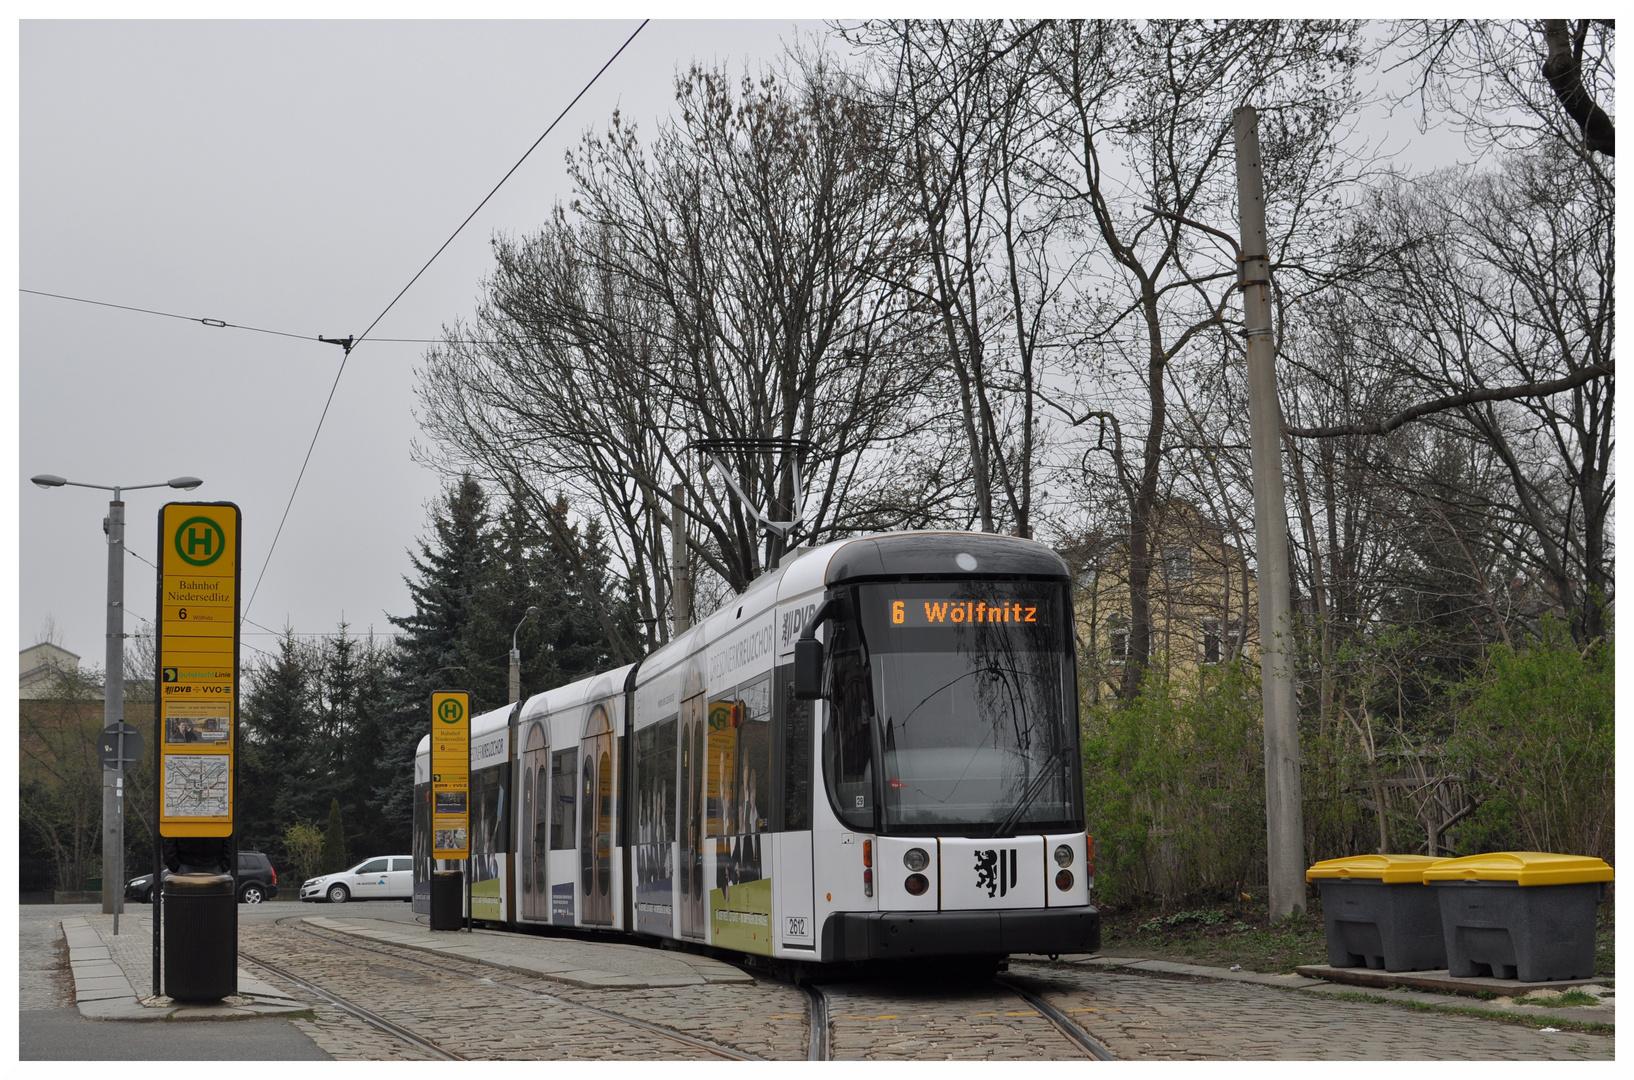 Die Kreuzchor-Straßenbahn